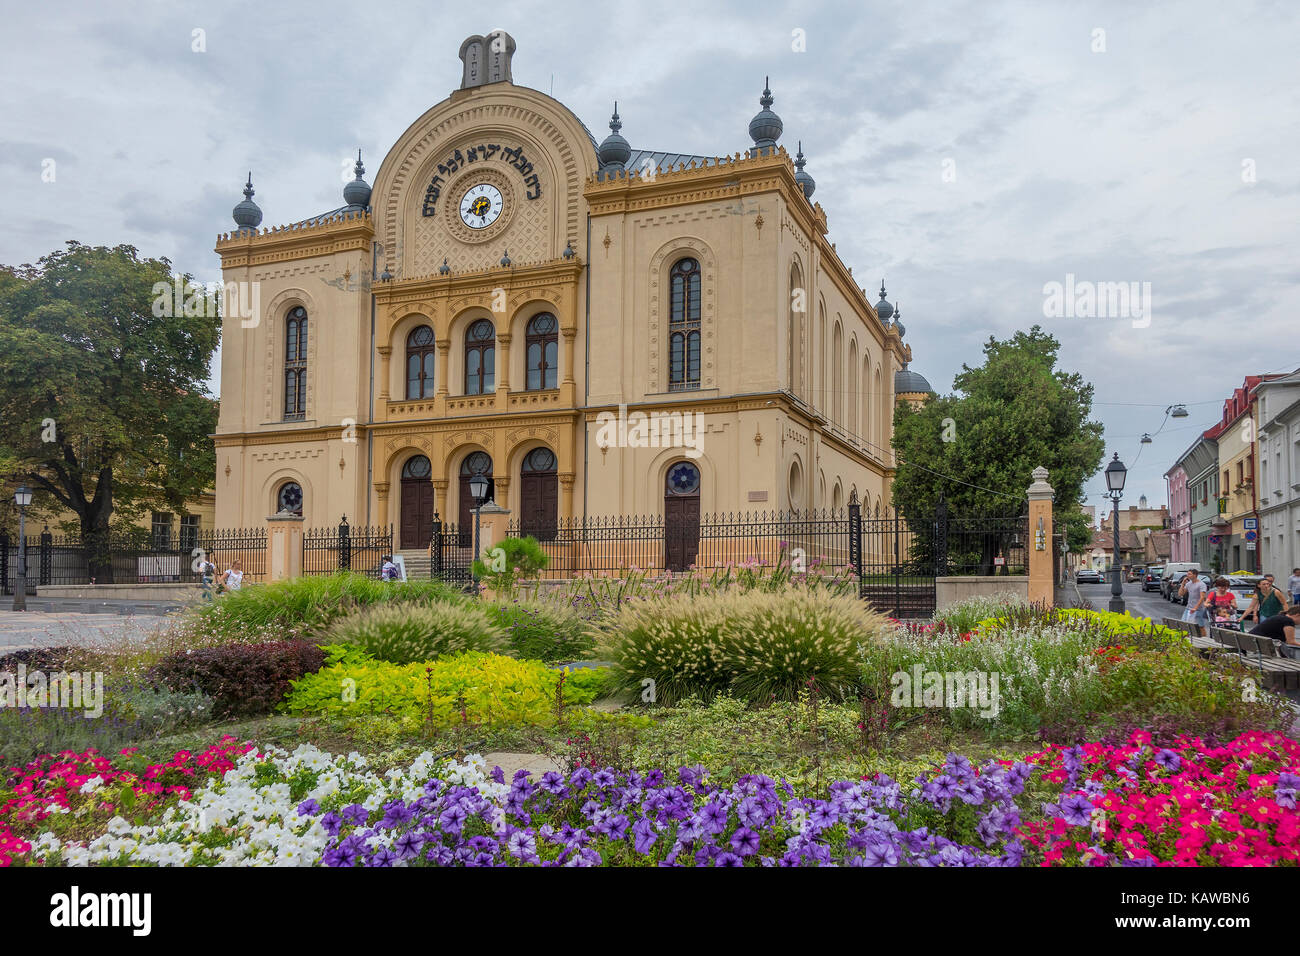 Hungary, Pecs, Synagogue - Stock Image